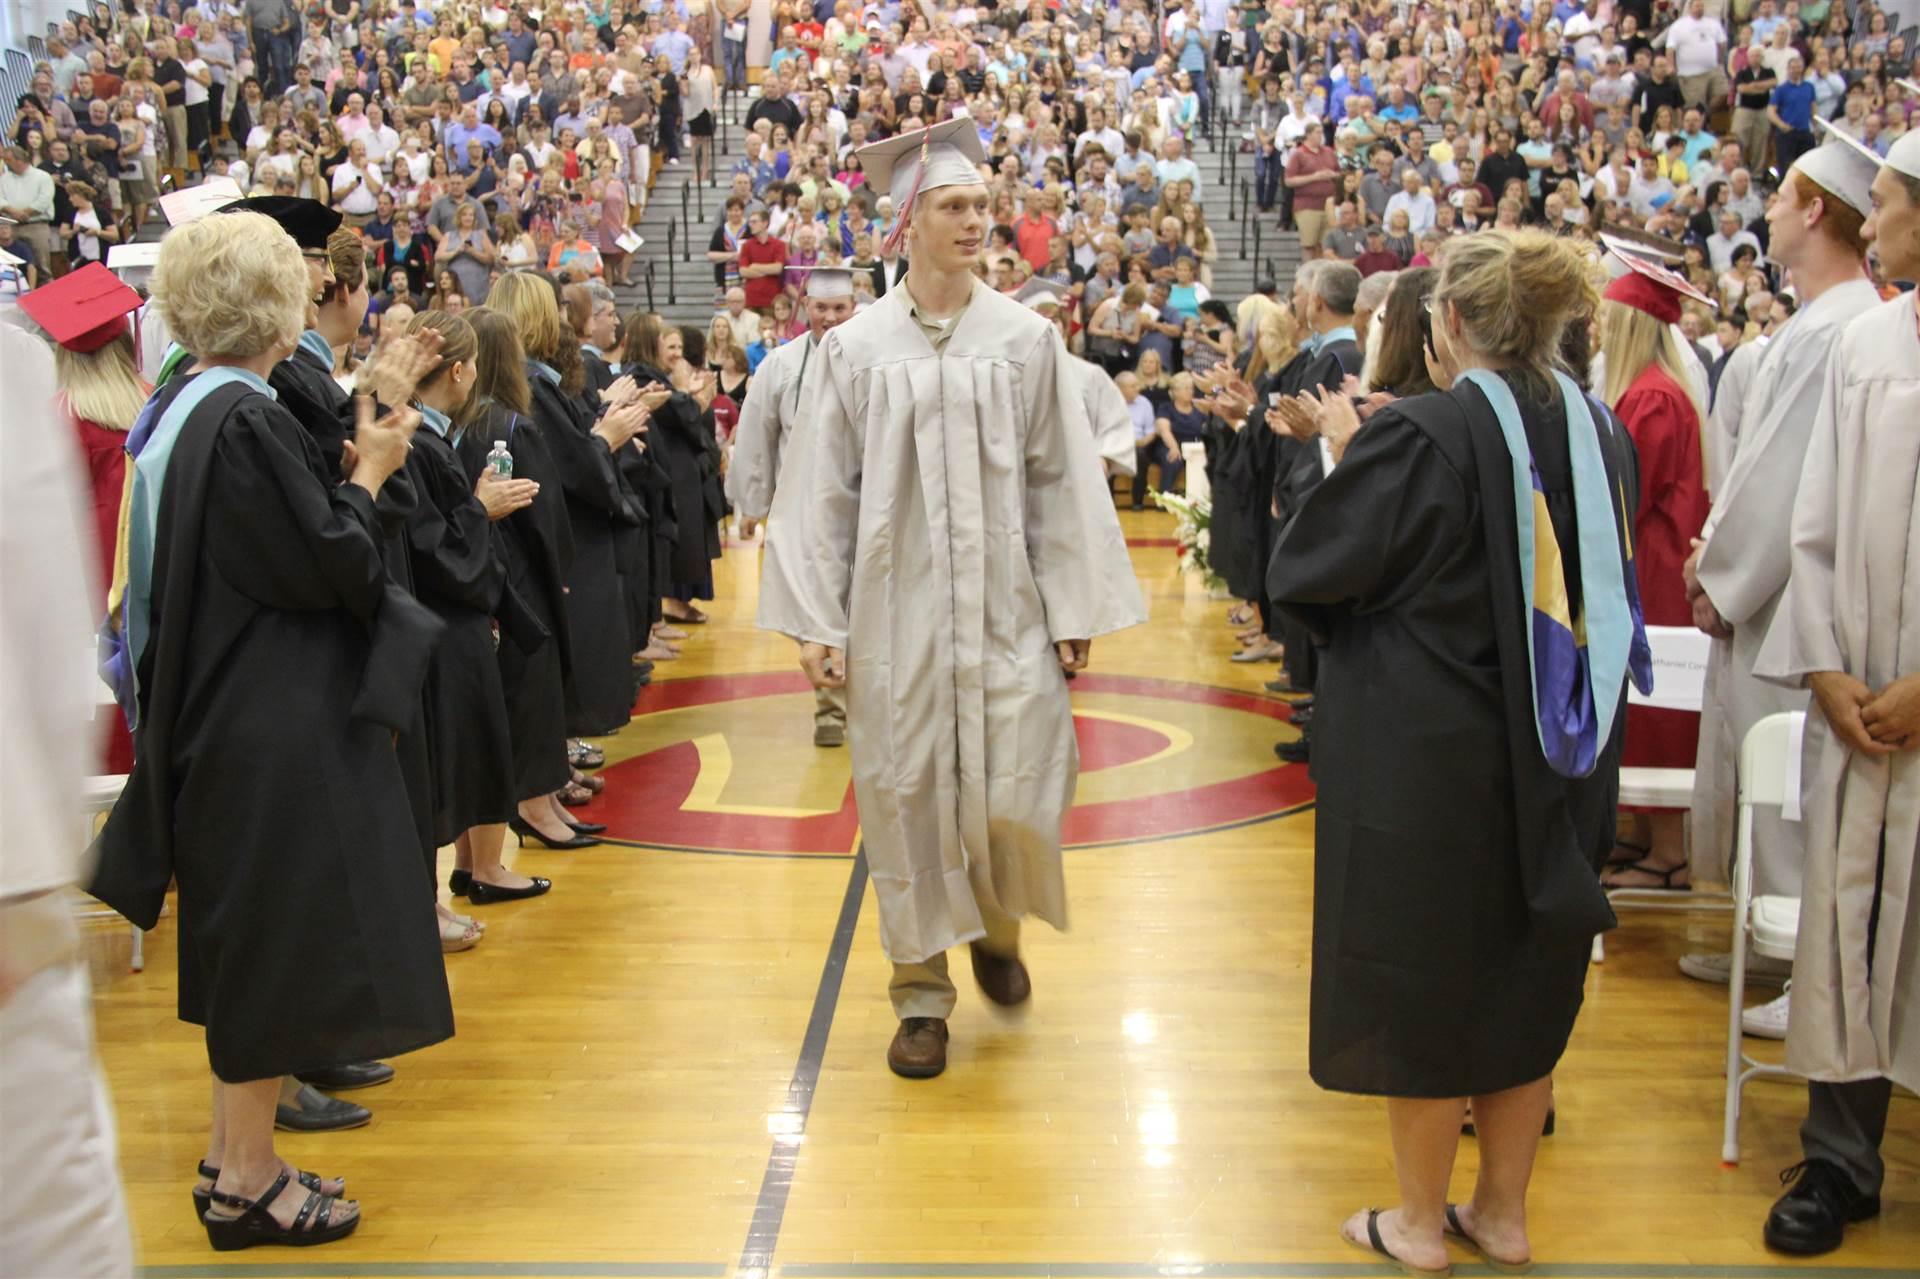 photo 68 from 2017 C V Graduation